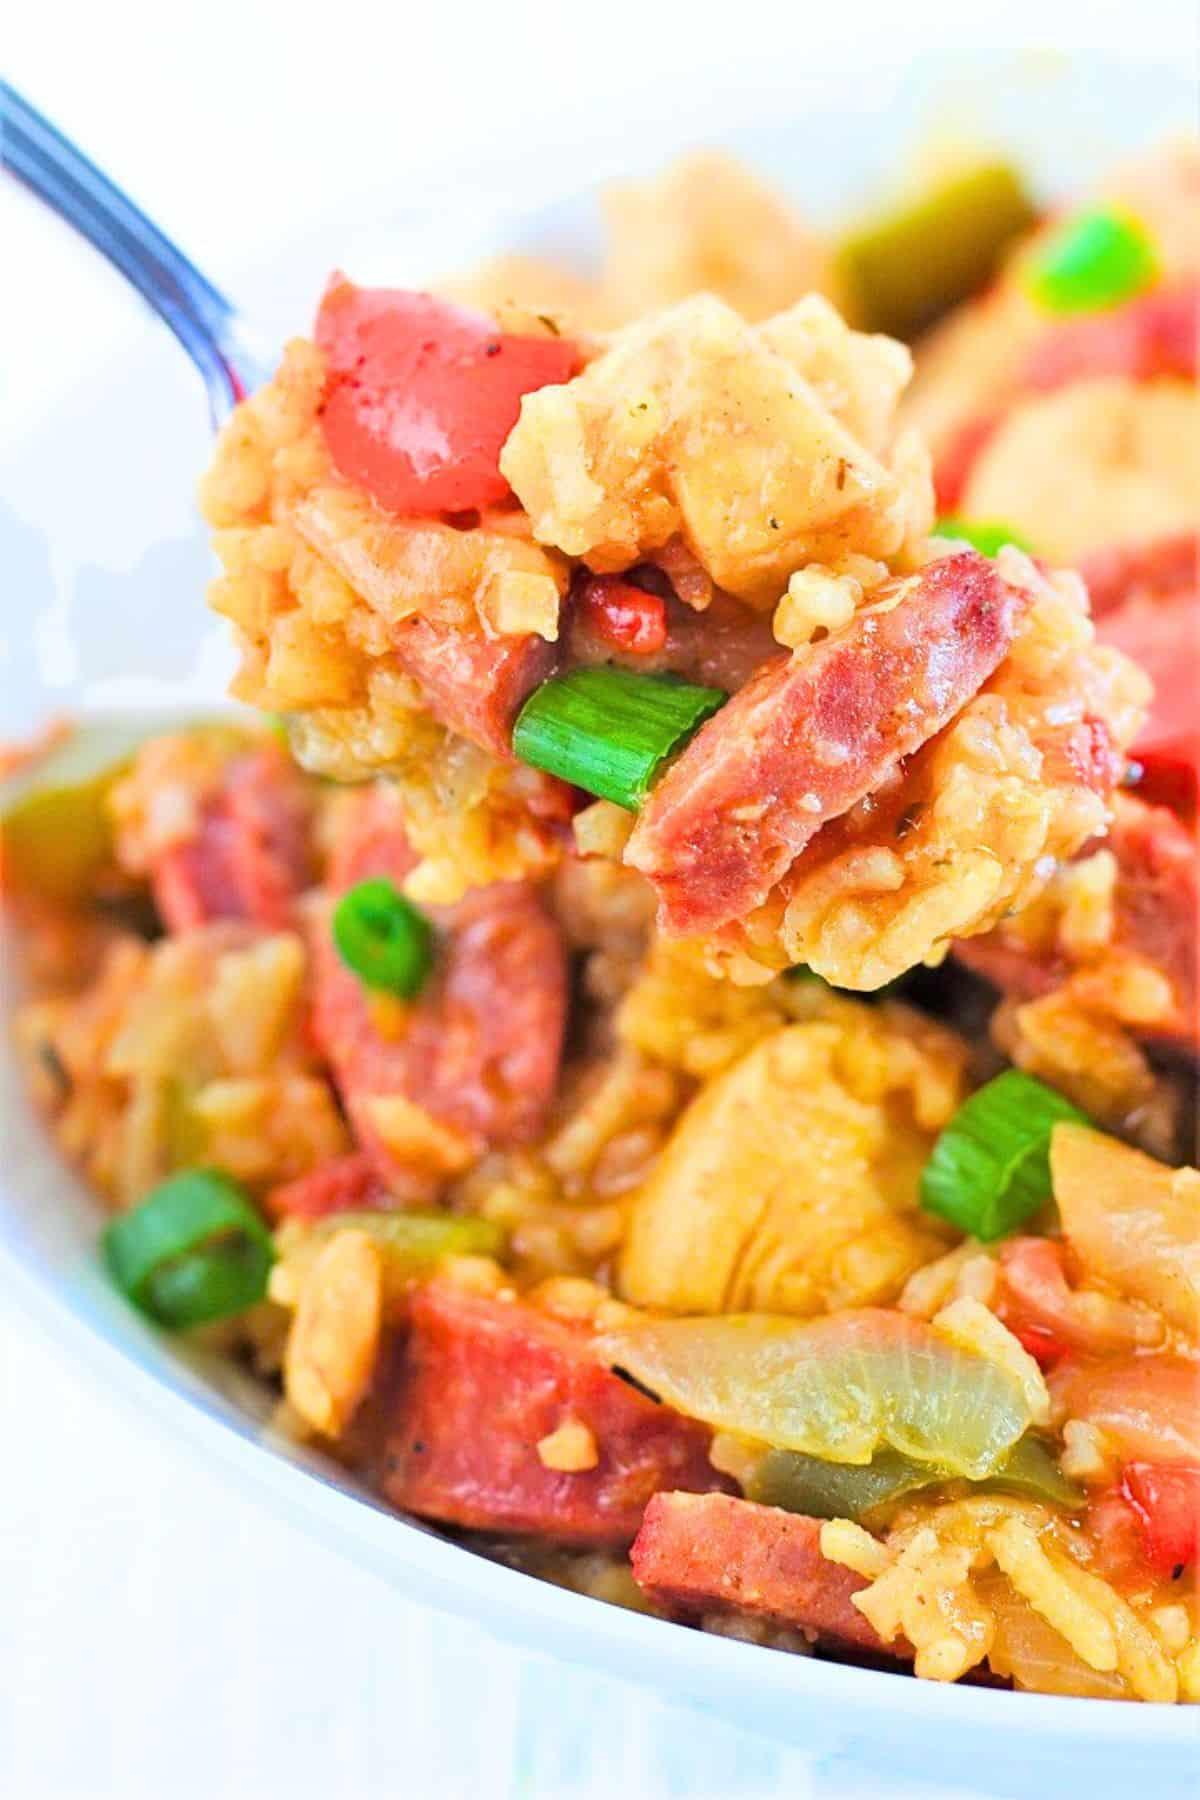 forkful of chicken and sausage jambalaya being taken out of a bowl